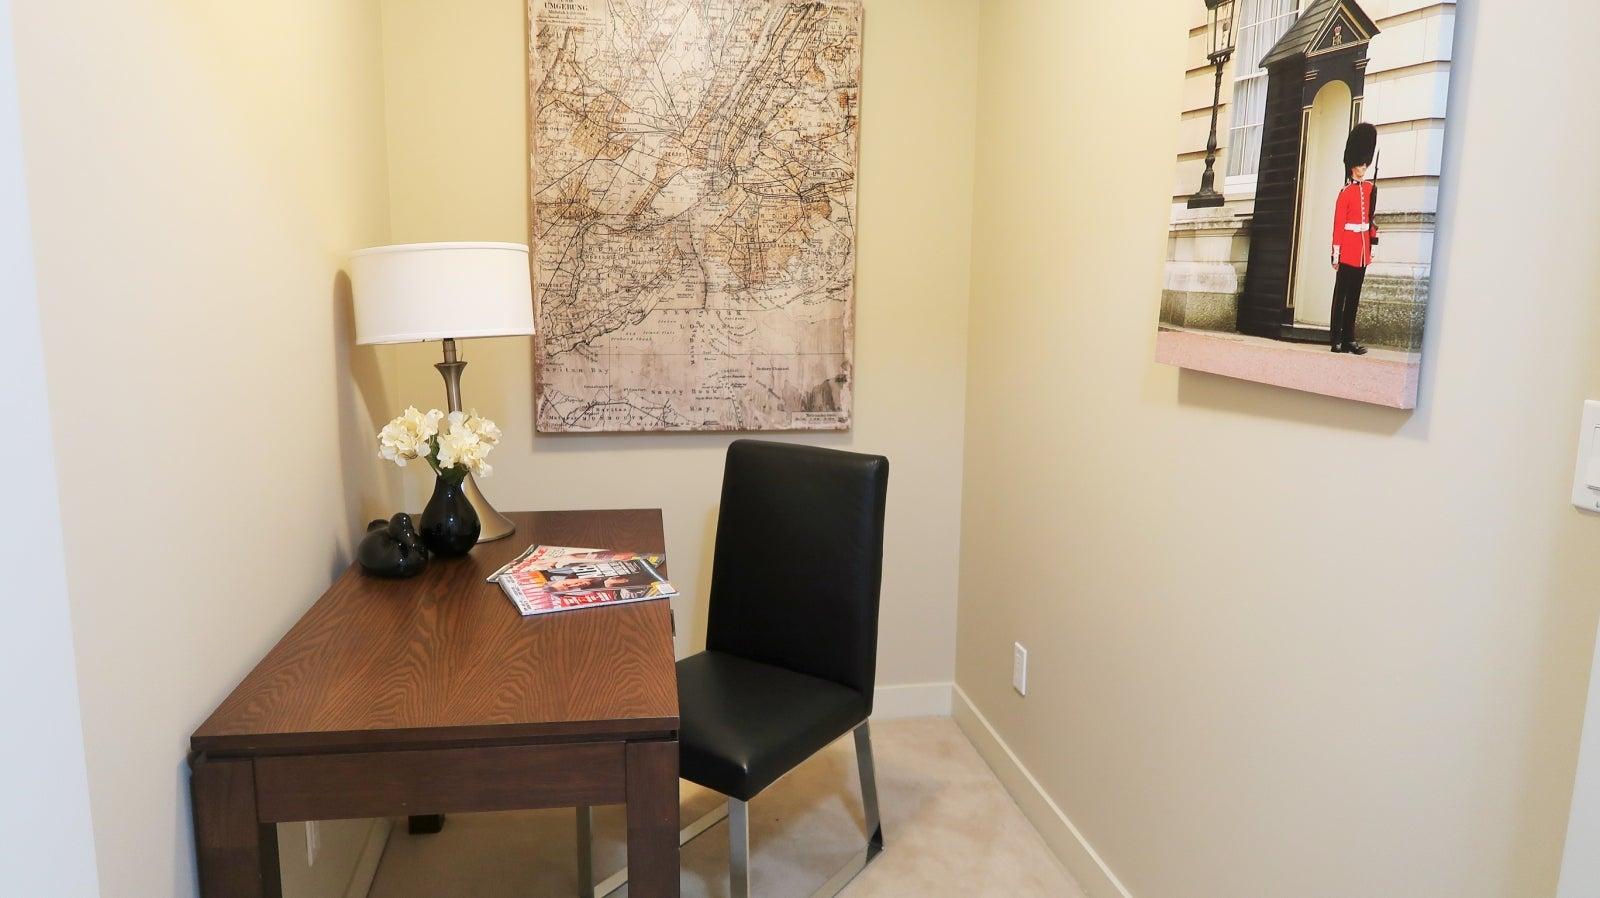 314 1633 MACKAY AVENUE - Pemberton NV Apartment/Condo for sale, 1 Bedroom (R2148211) #6